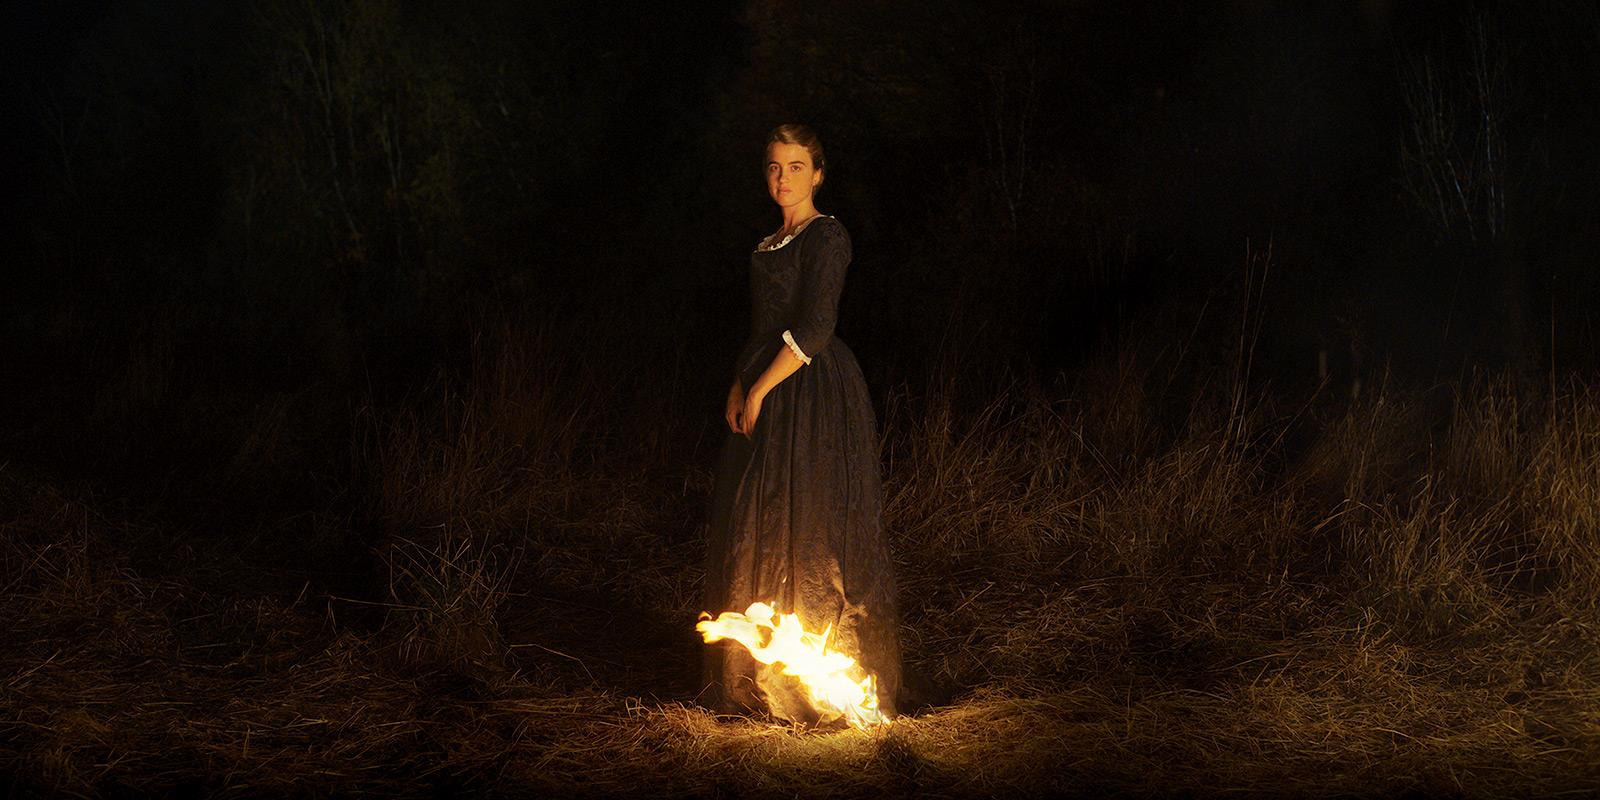 Retrato de uma jovem em chamas